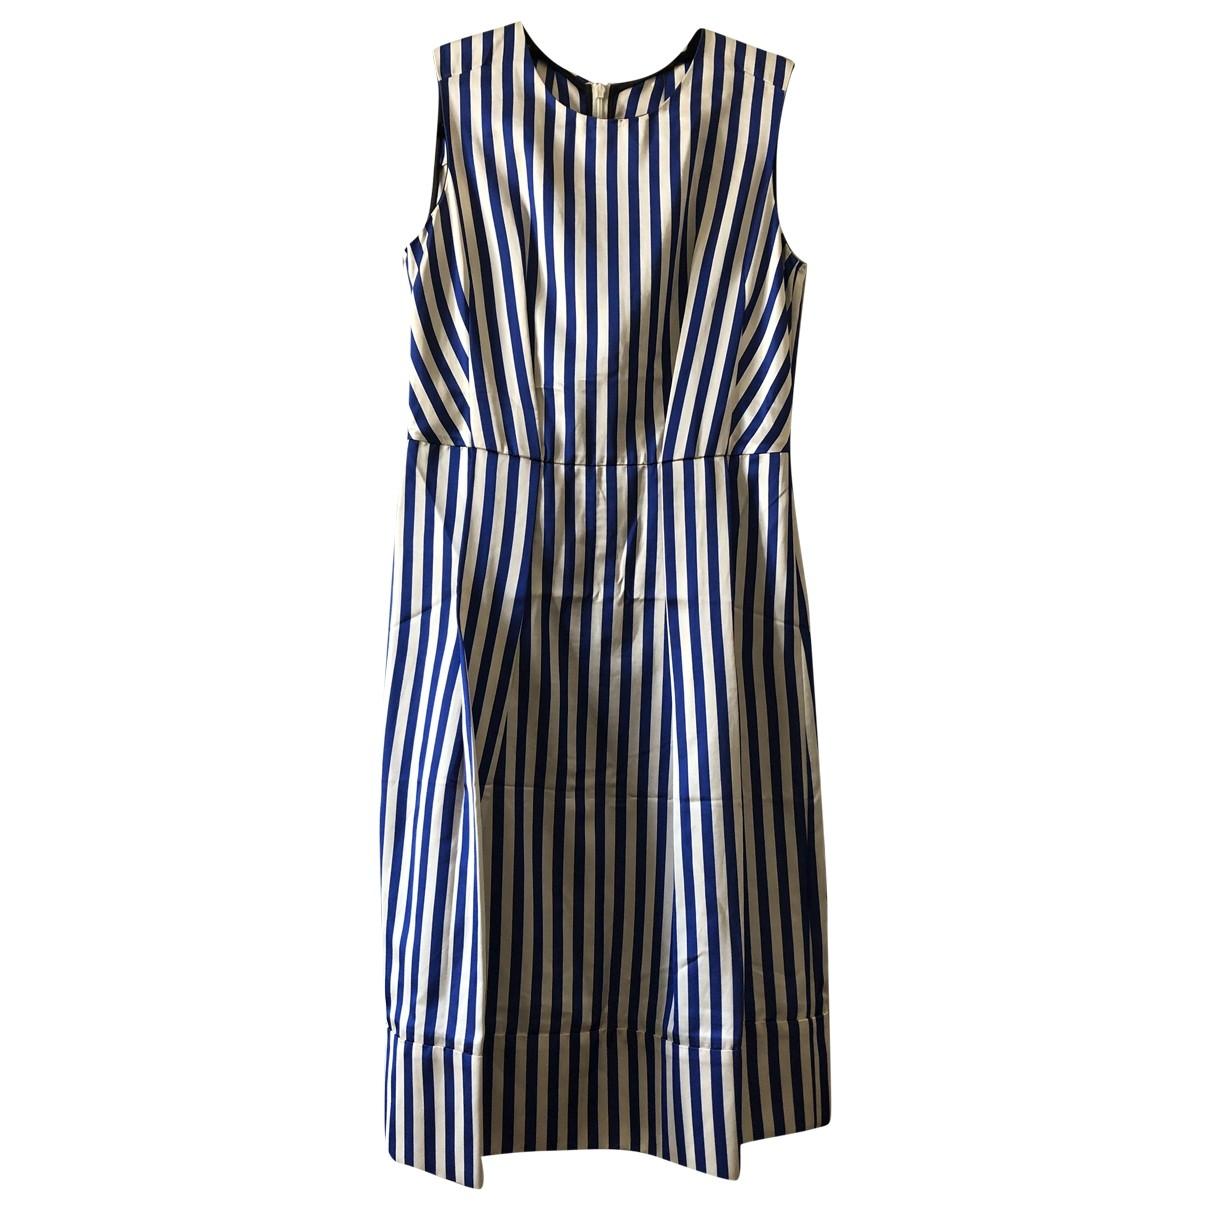 Marni \N Kleid in  Blau Viskose